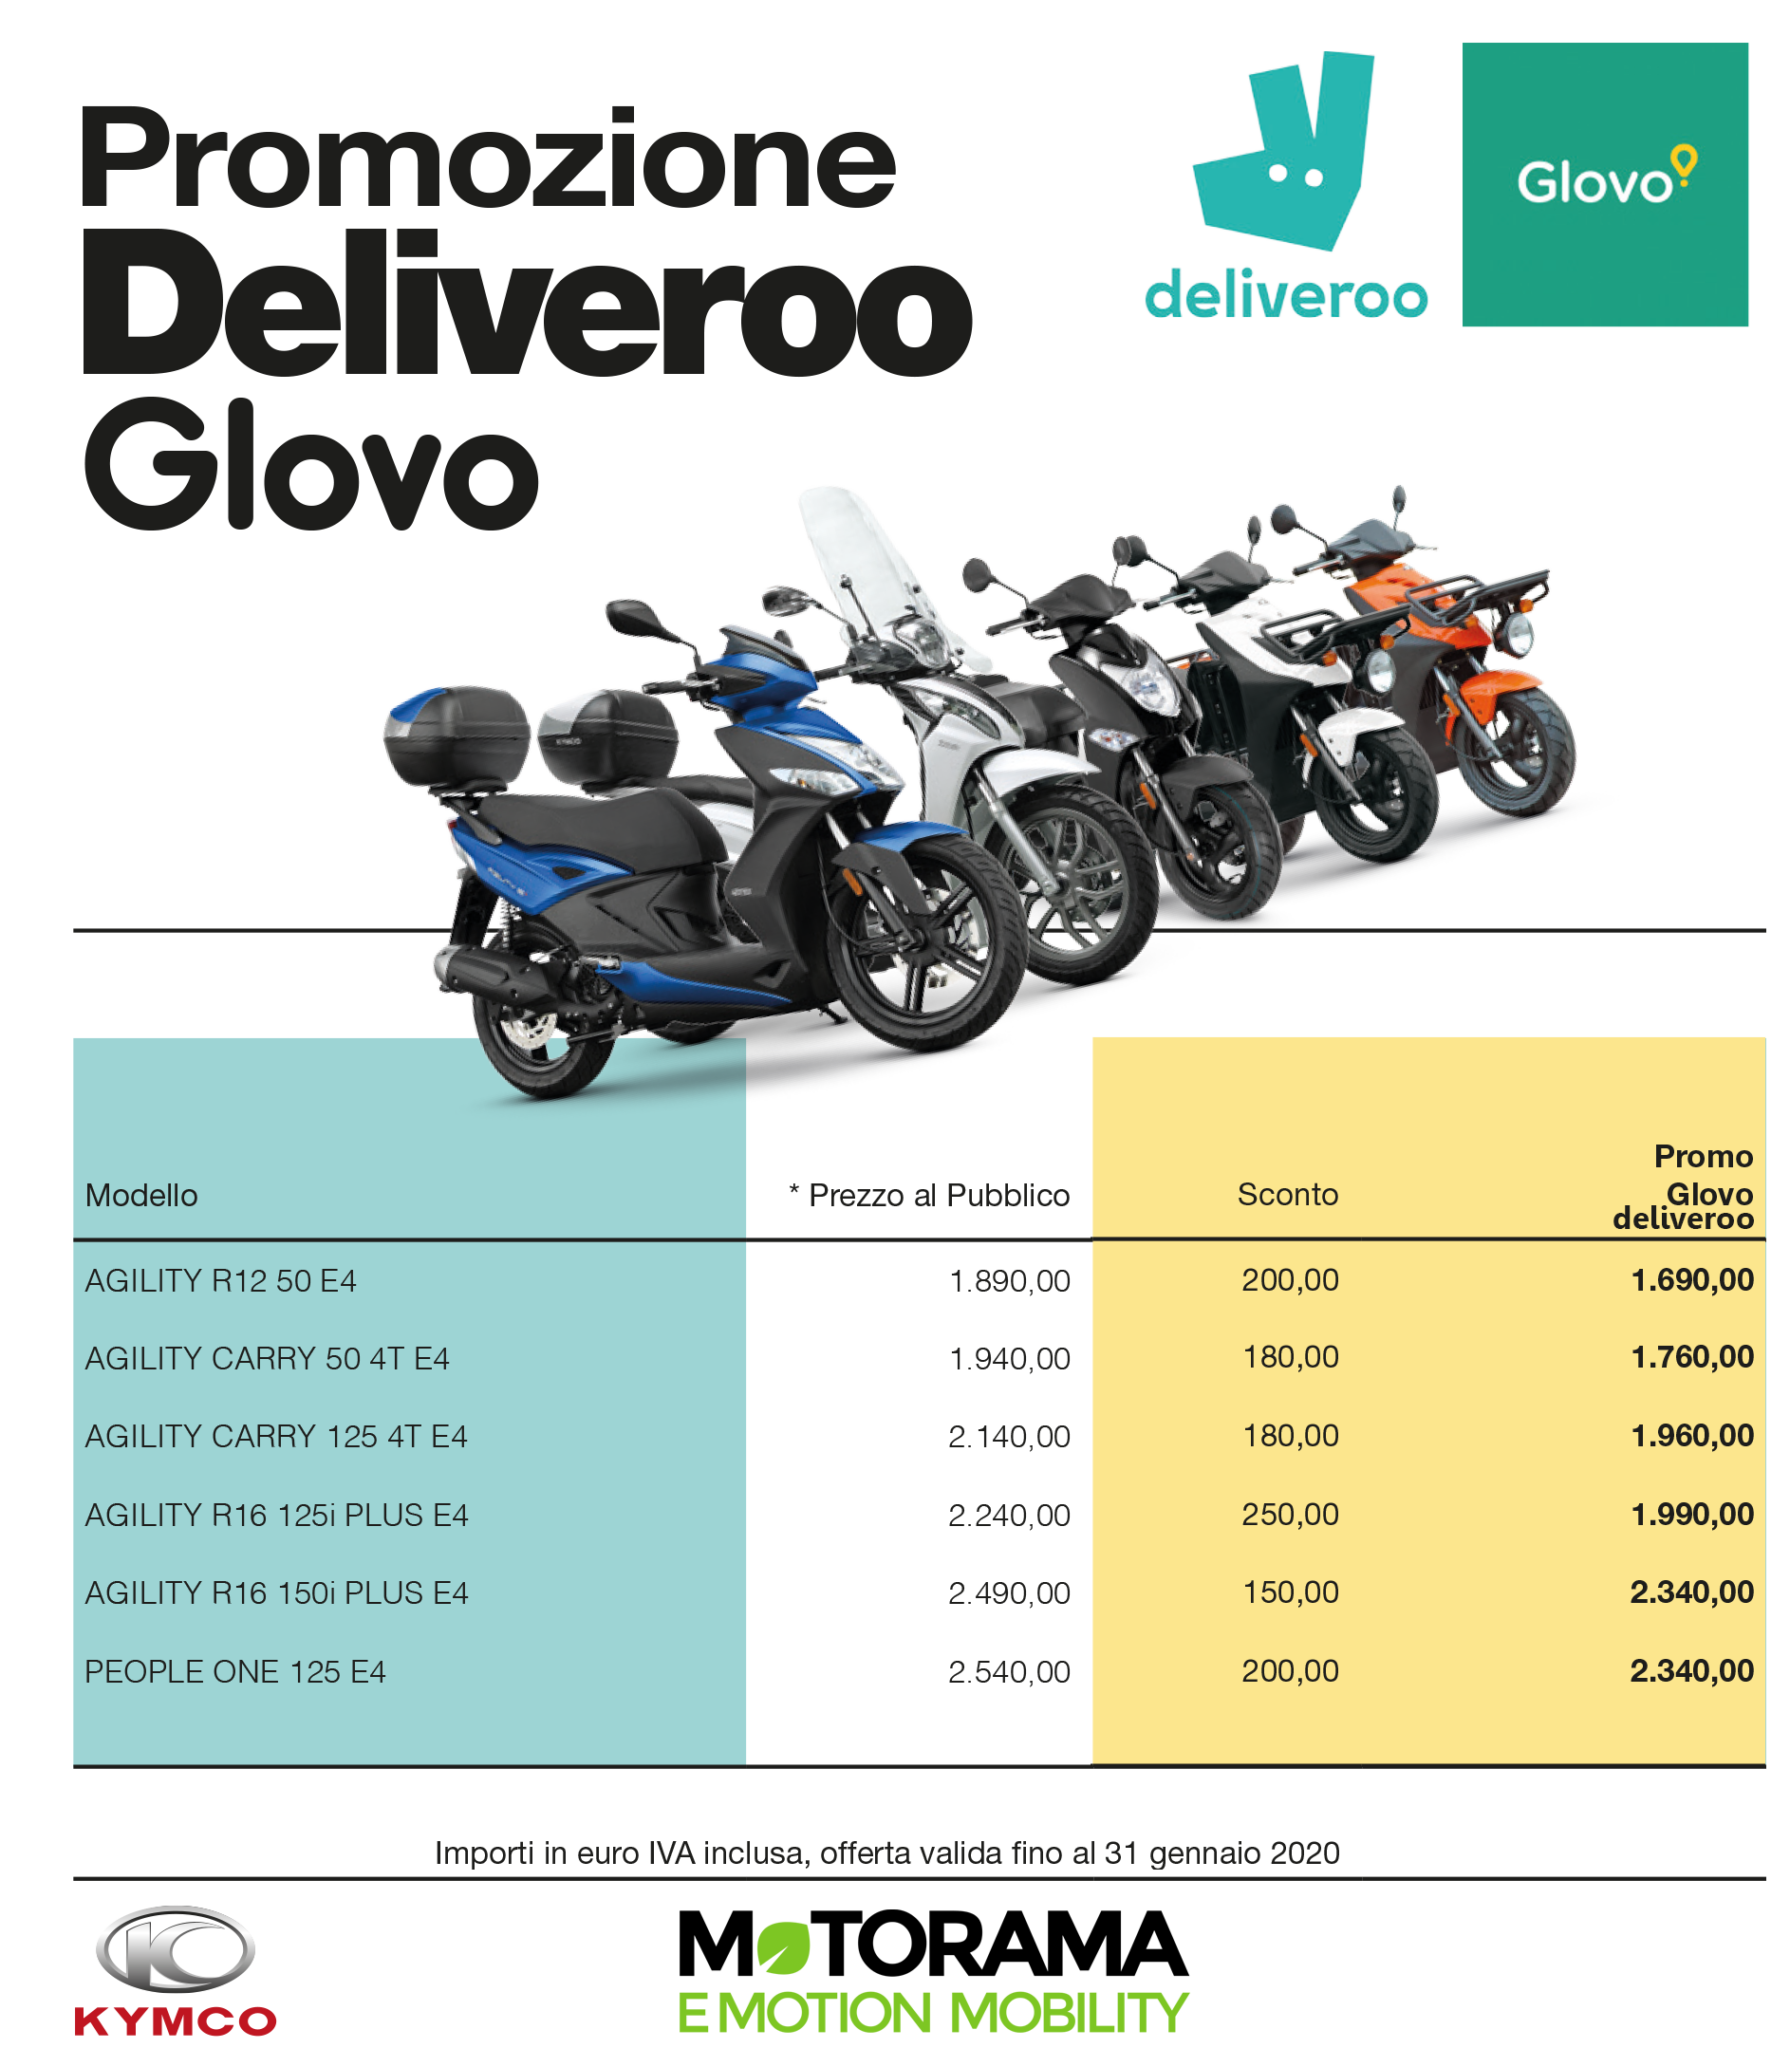 Promo Kymco per Deliveroo e Glovo